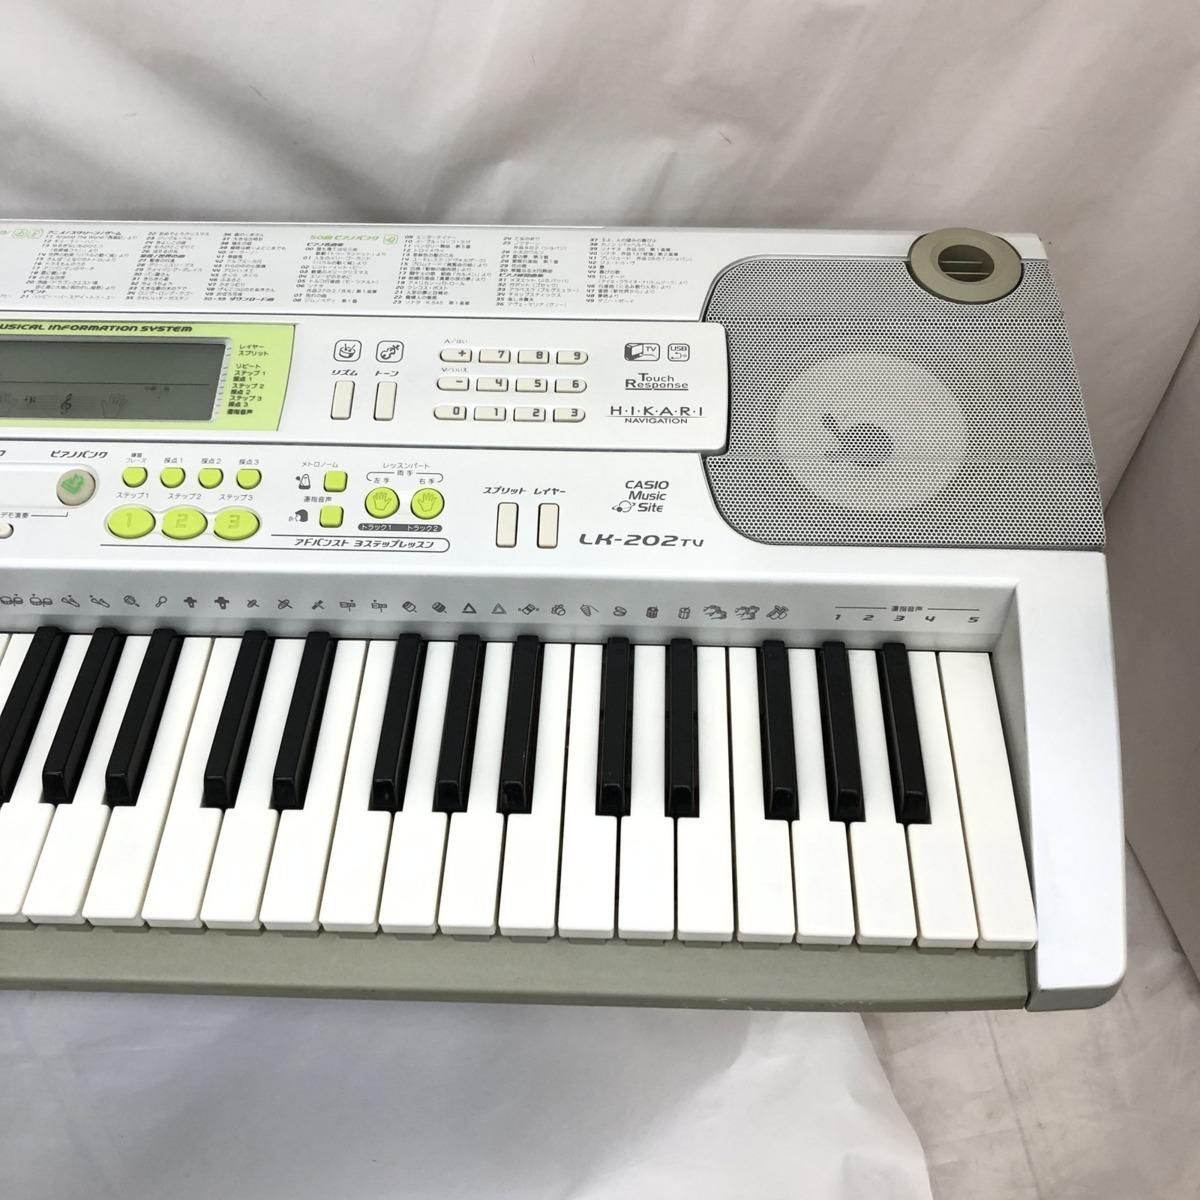 中古 CASIO カシオ 電子キーボード 光ナビゲーション LK-202TV 61鍵盤 シルバー グリーン 電子ピアノ 鍵盤楽器 アダプター 難あり H15233_画像6